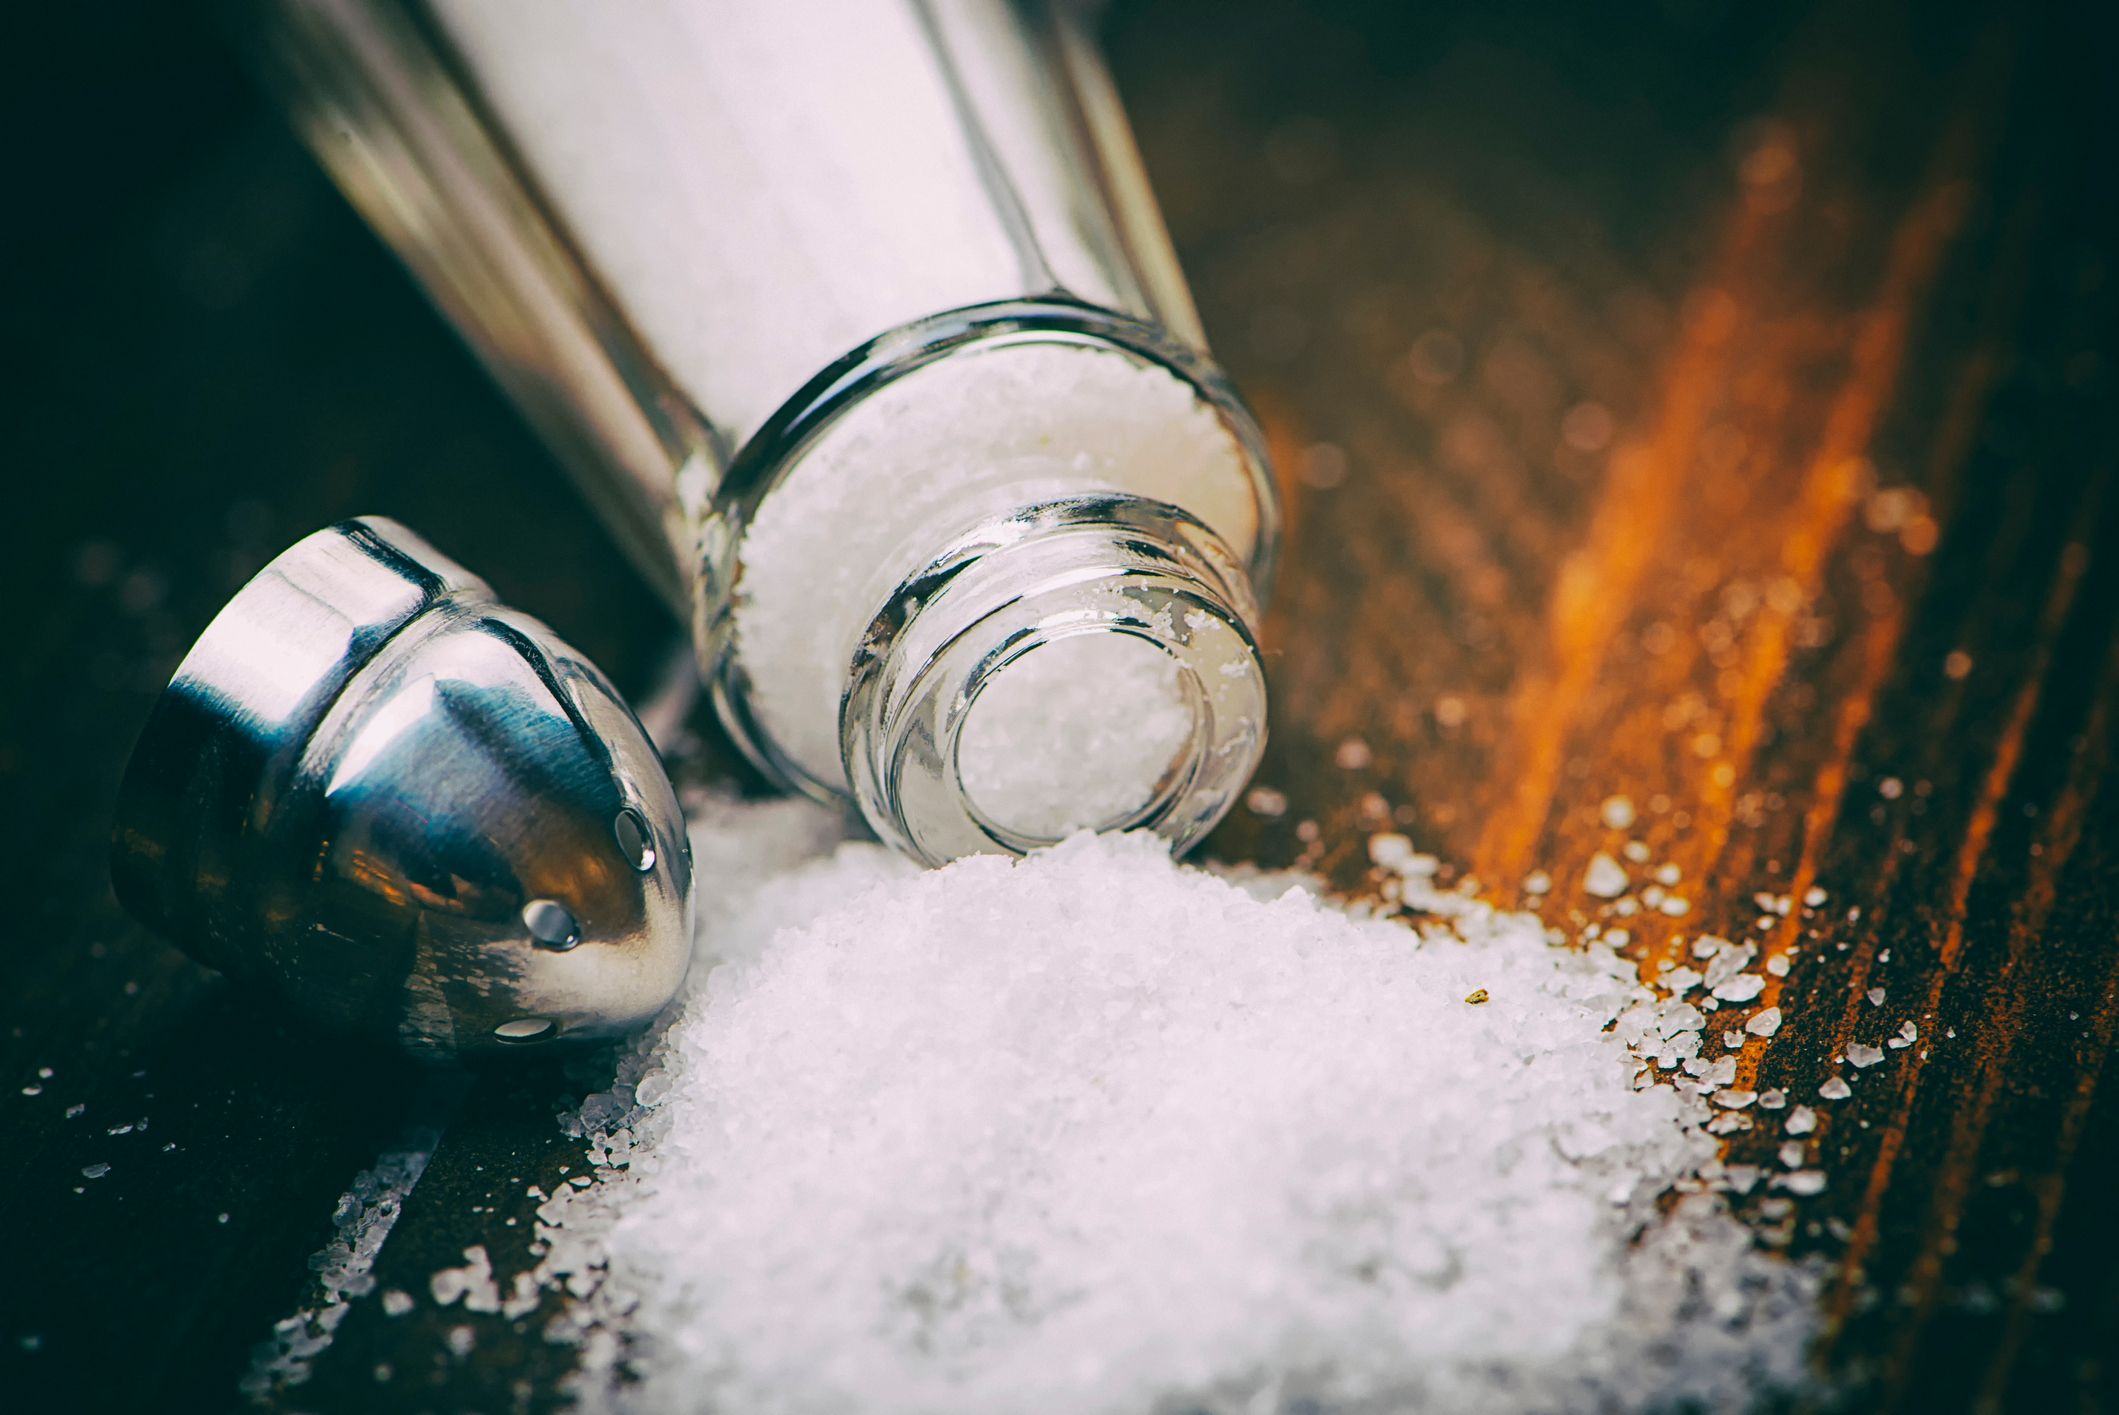 miért nem engedélyezett a só magas vérnyomás esetén)